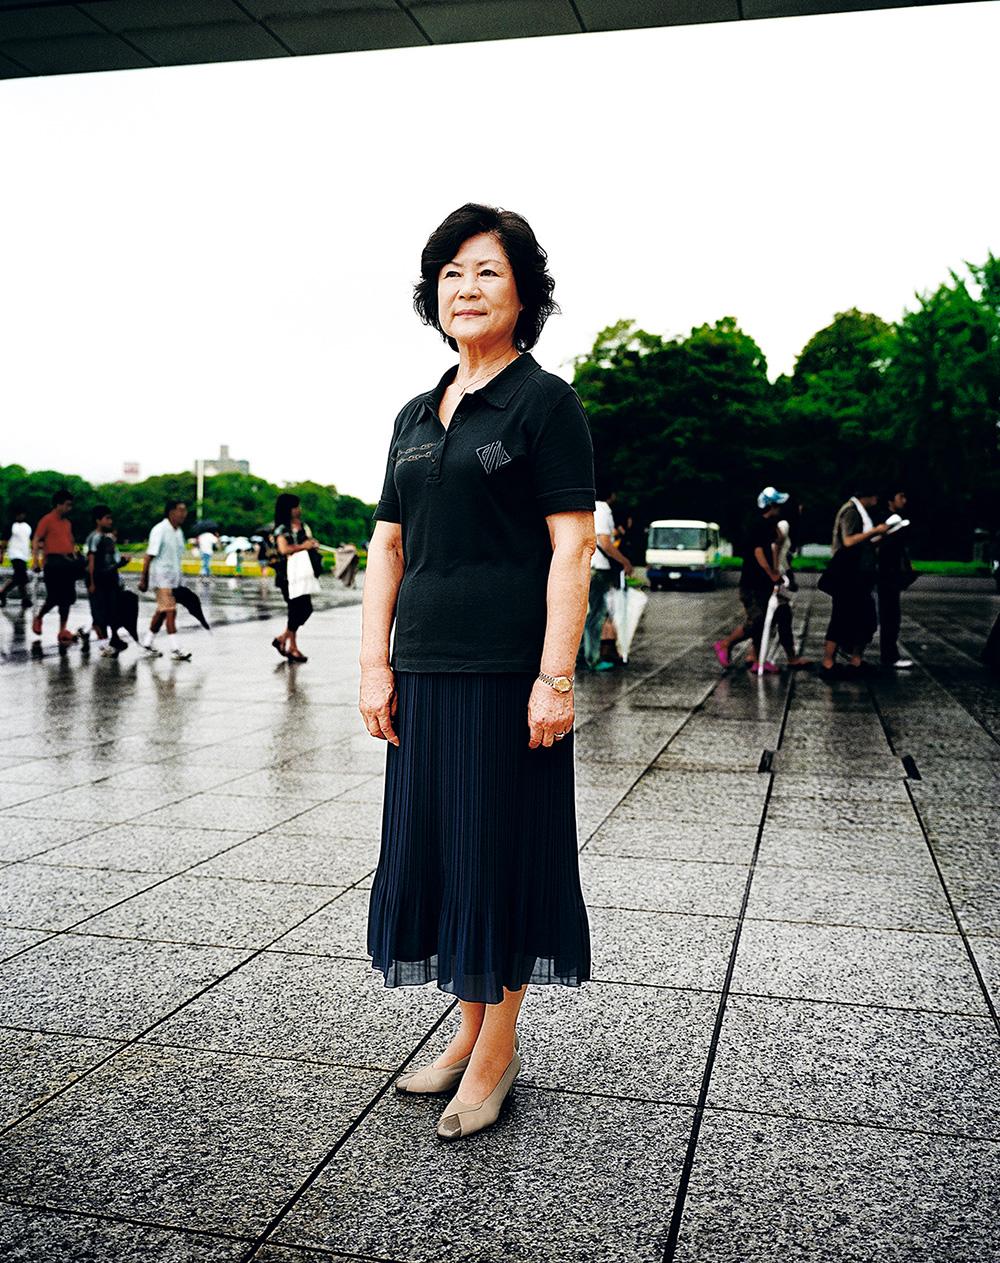 Toshiko Tsuboi - Hiroshima